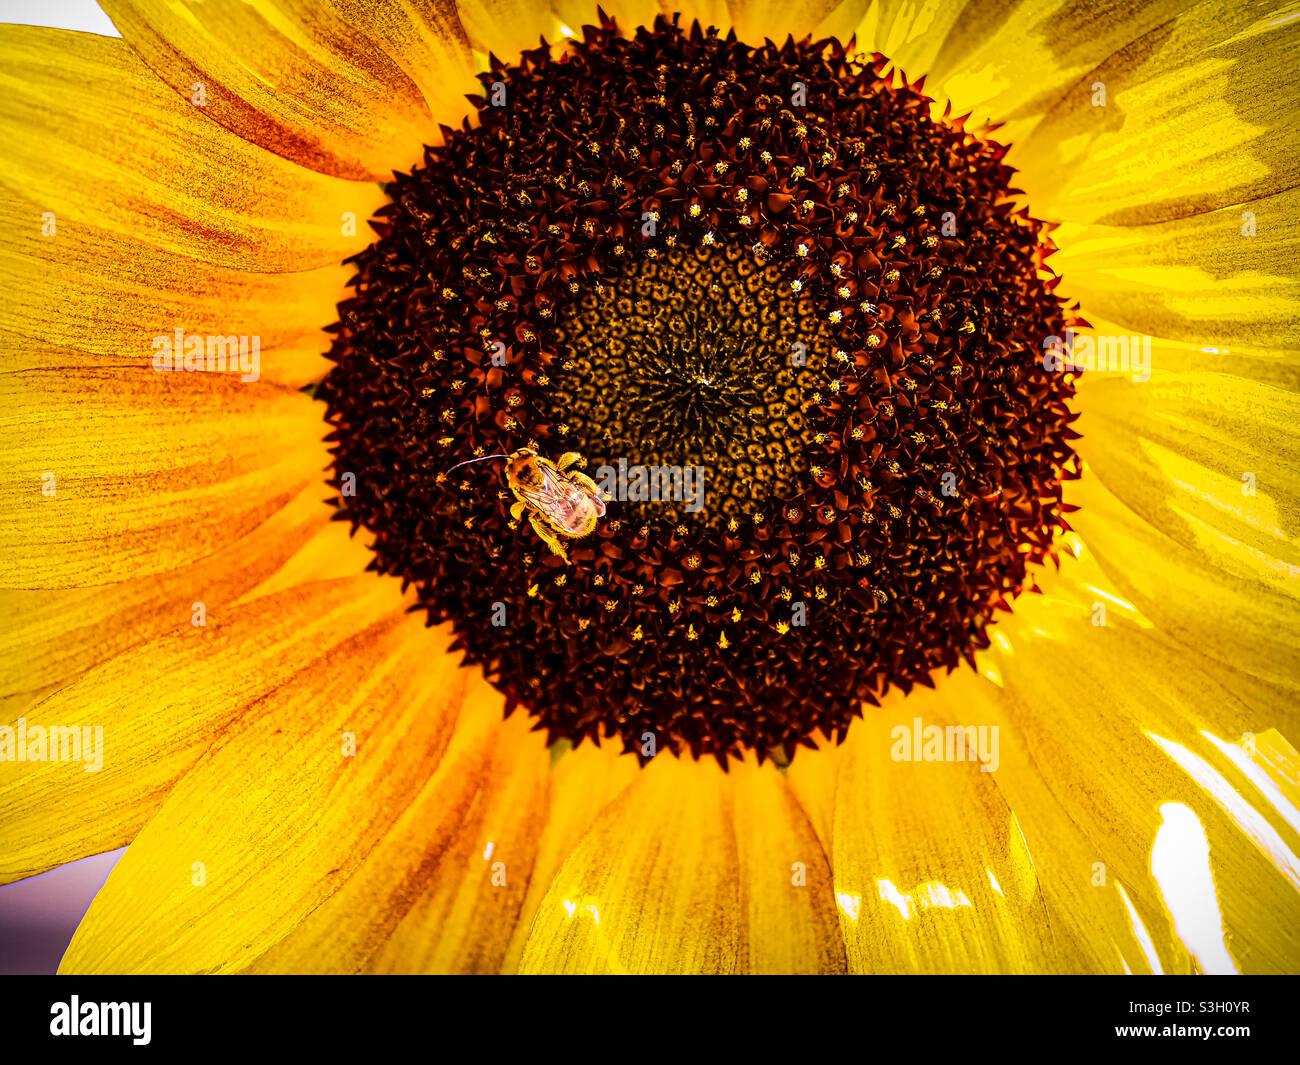 Aus der Nähe einer Sonnenblume, die von einer kleinen Schweißbiene zu Abend gegessen wird Stockfoto